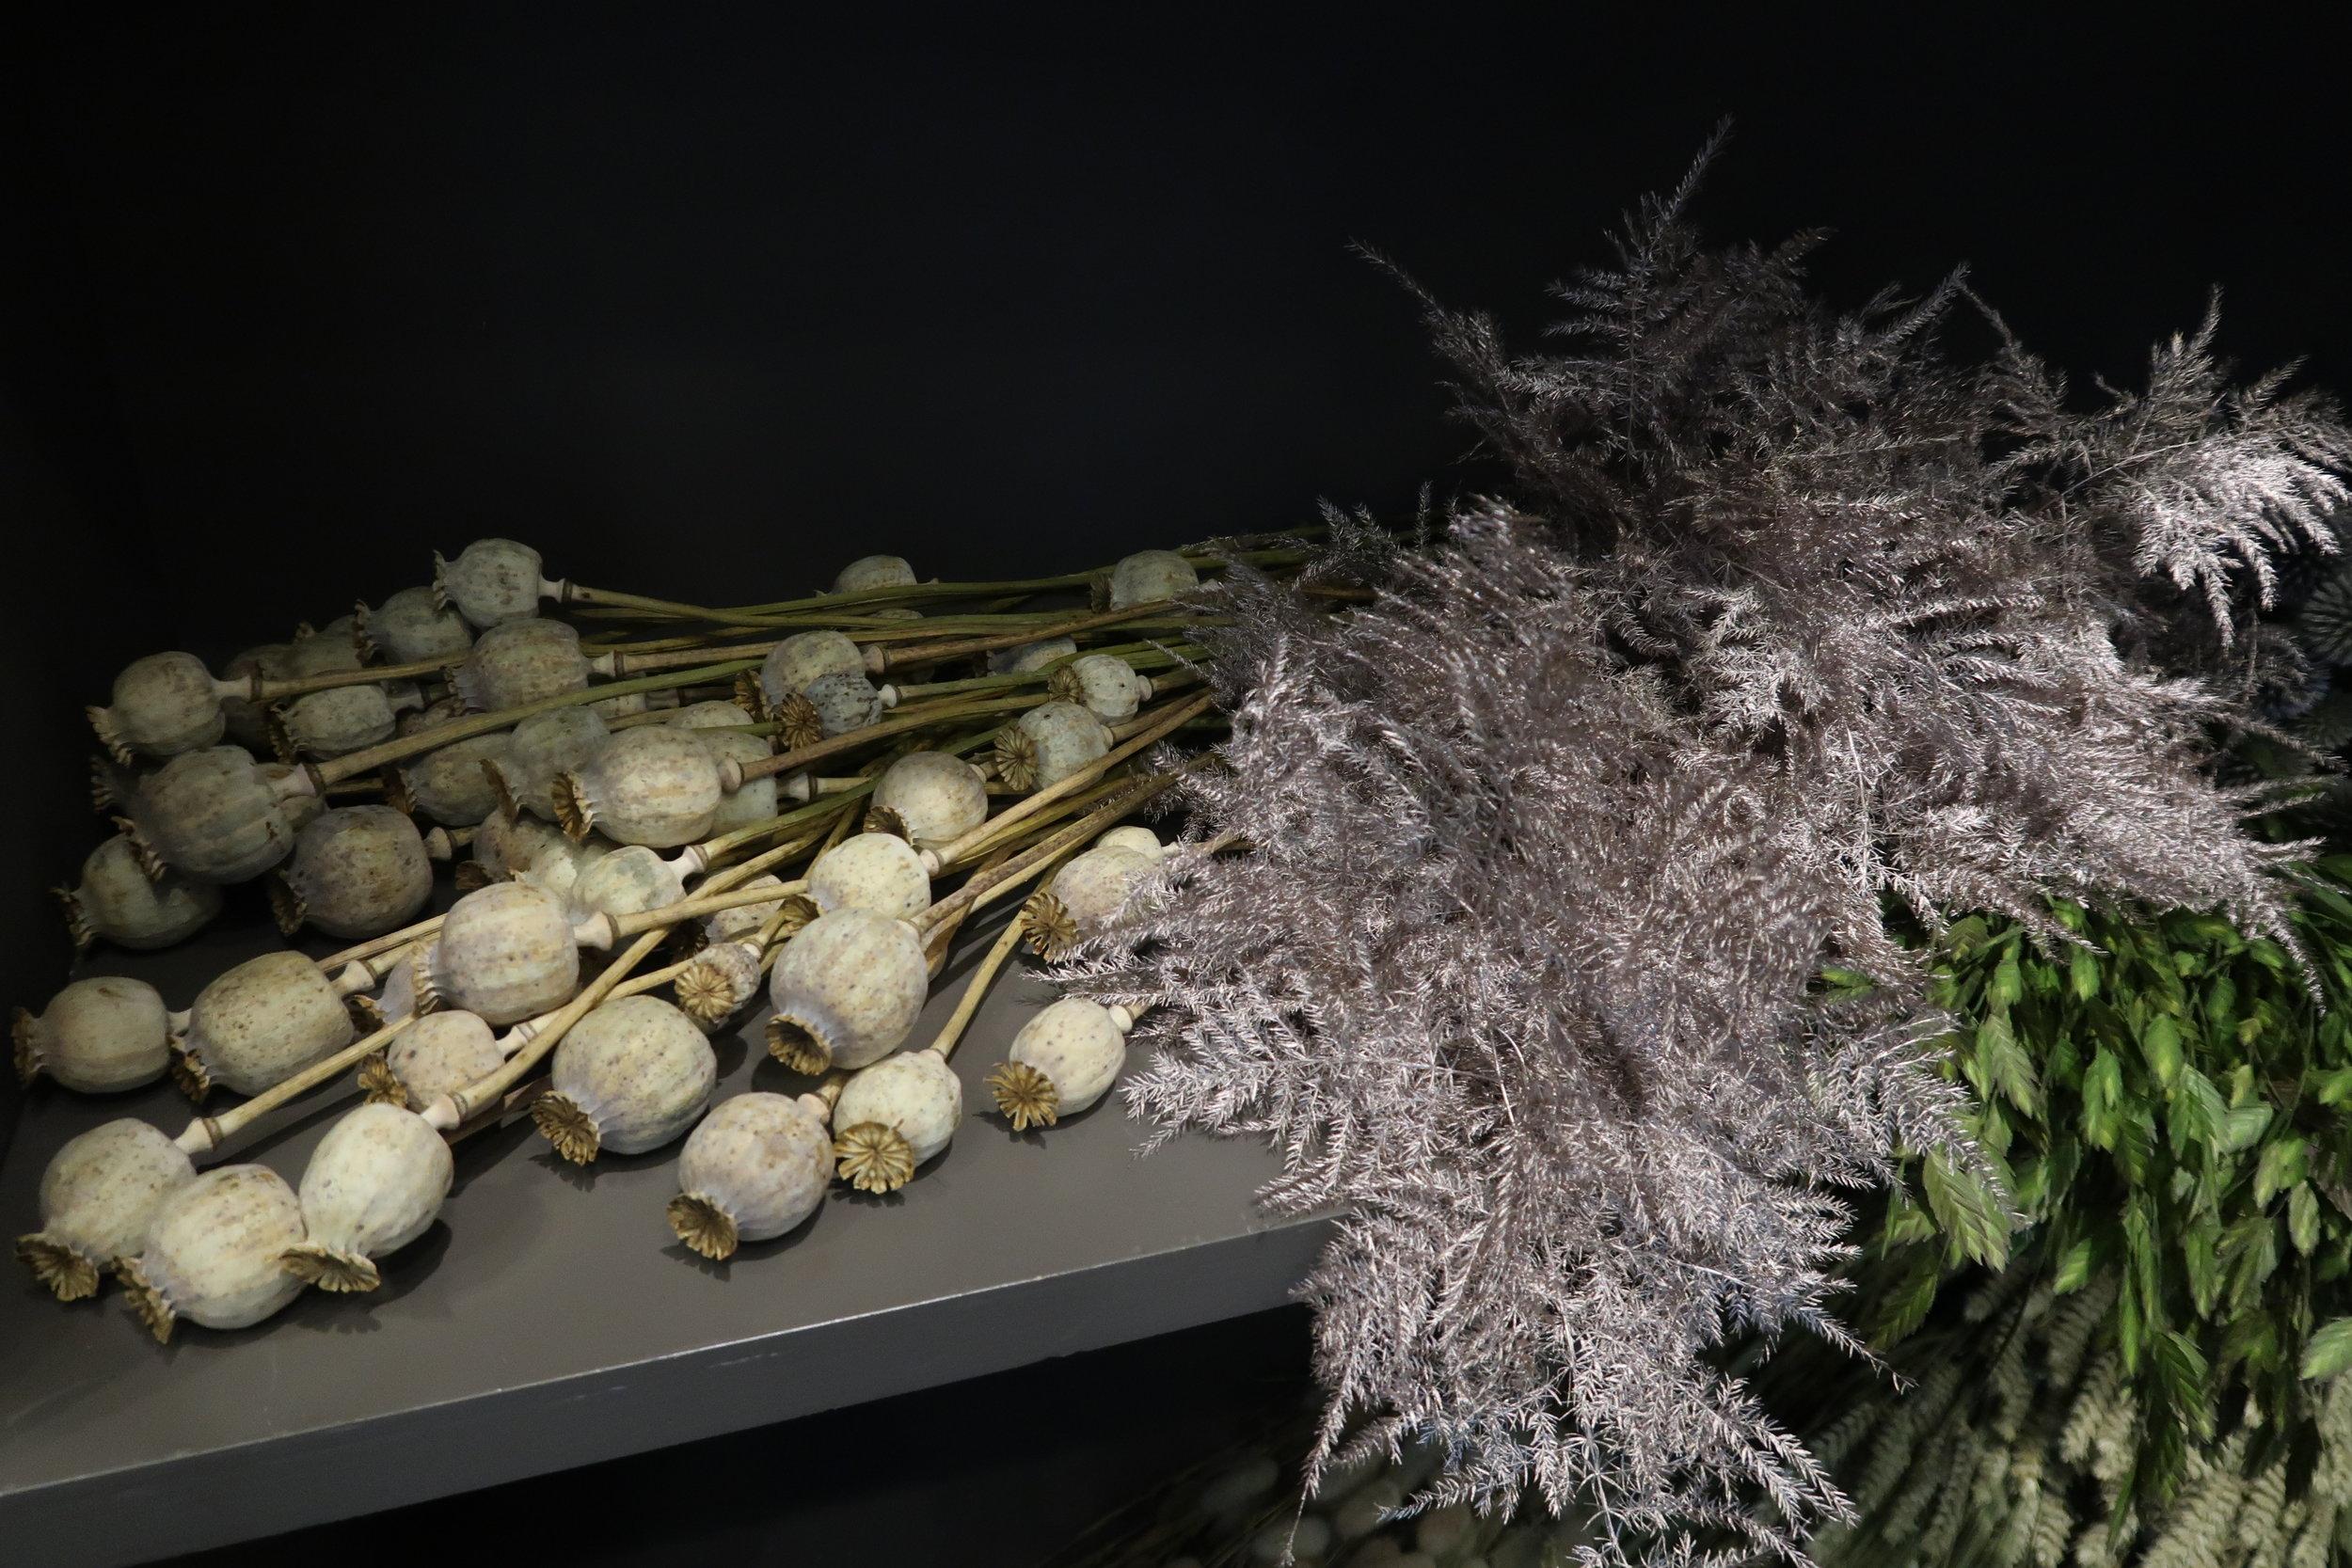 kuivuva kukkasidonta materiaali, papaver, unikko ja unelma värjätty